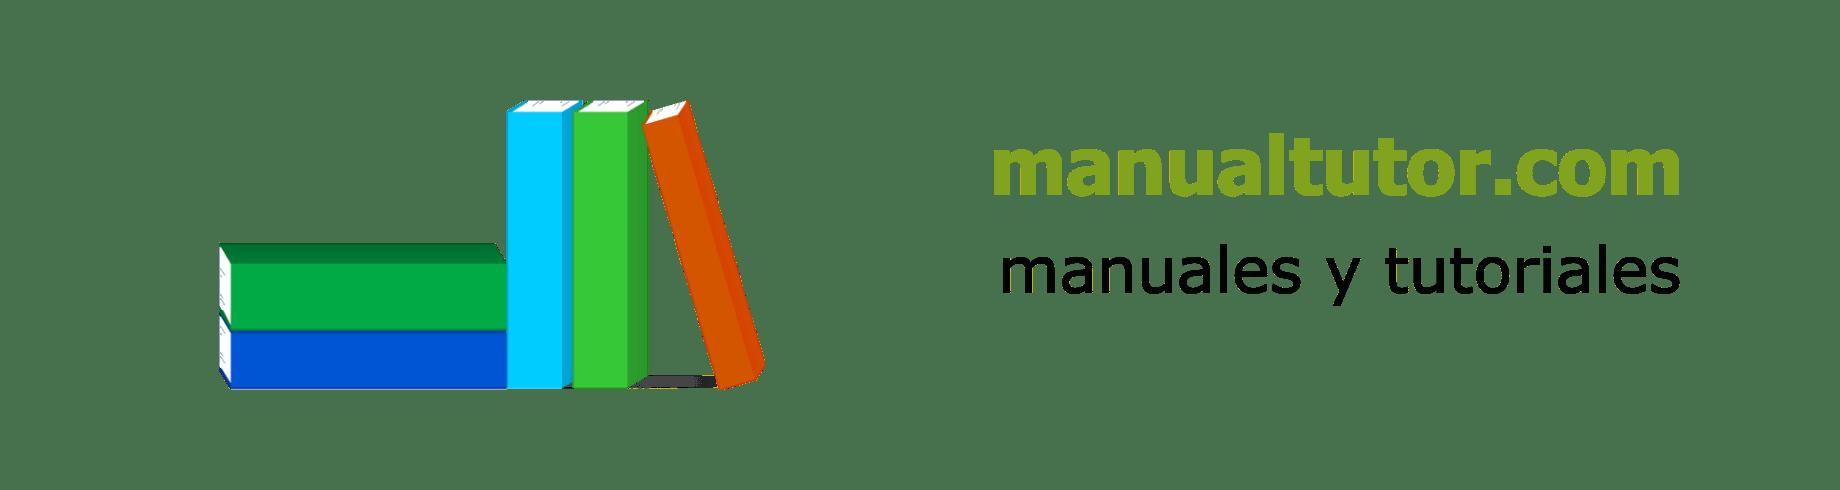 MANUALTUTOR   Manual Tutorial